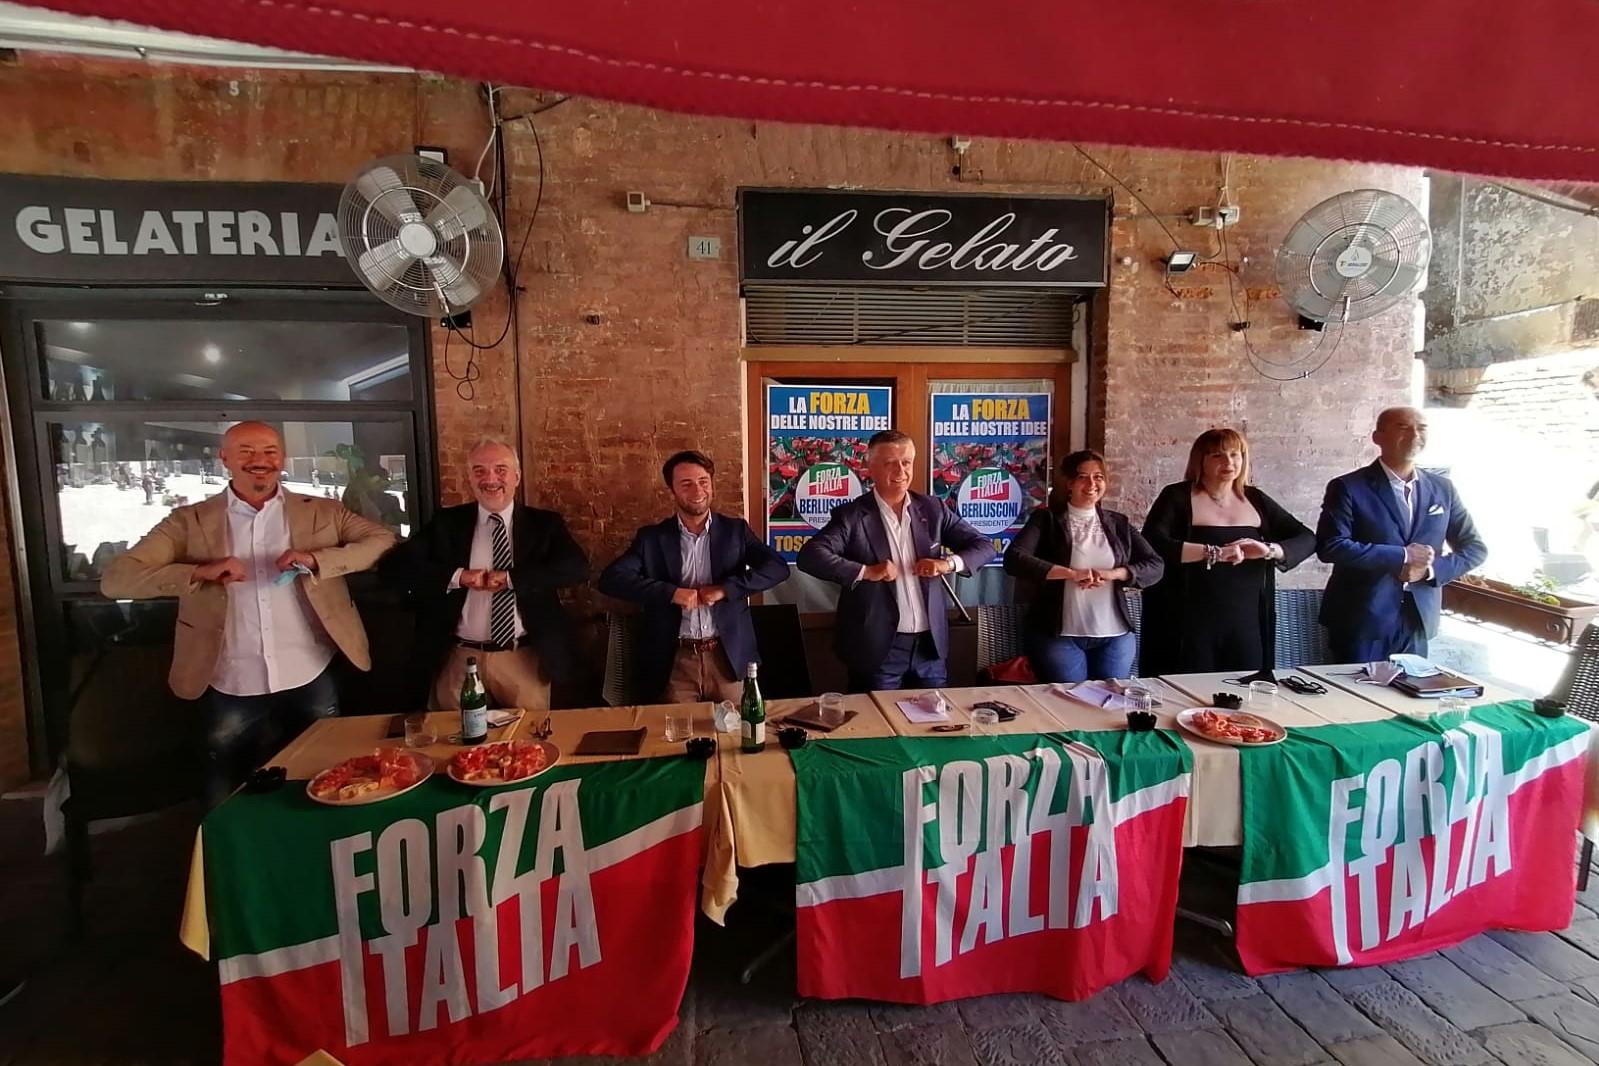 Mallegni: Incontro a Siena con i candidati alle regionali